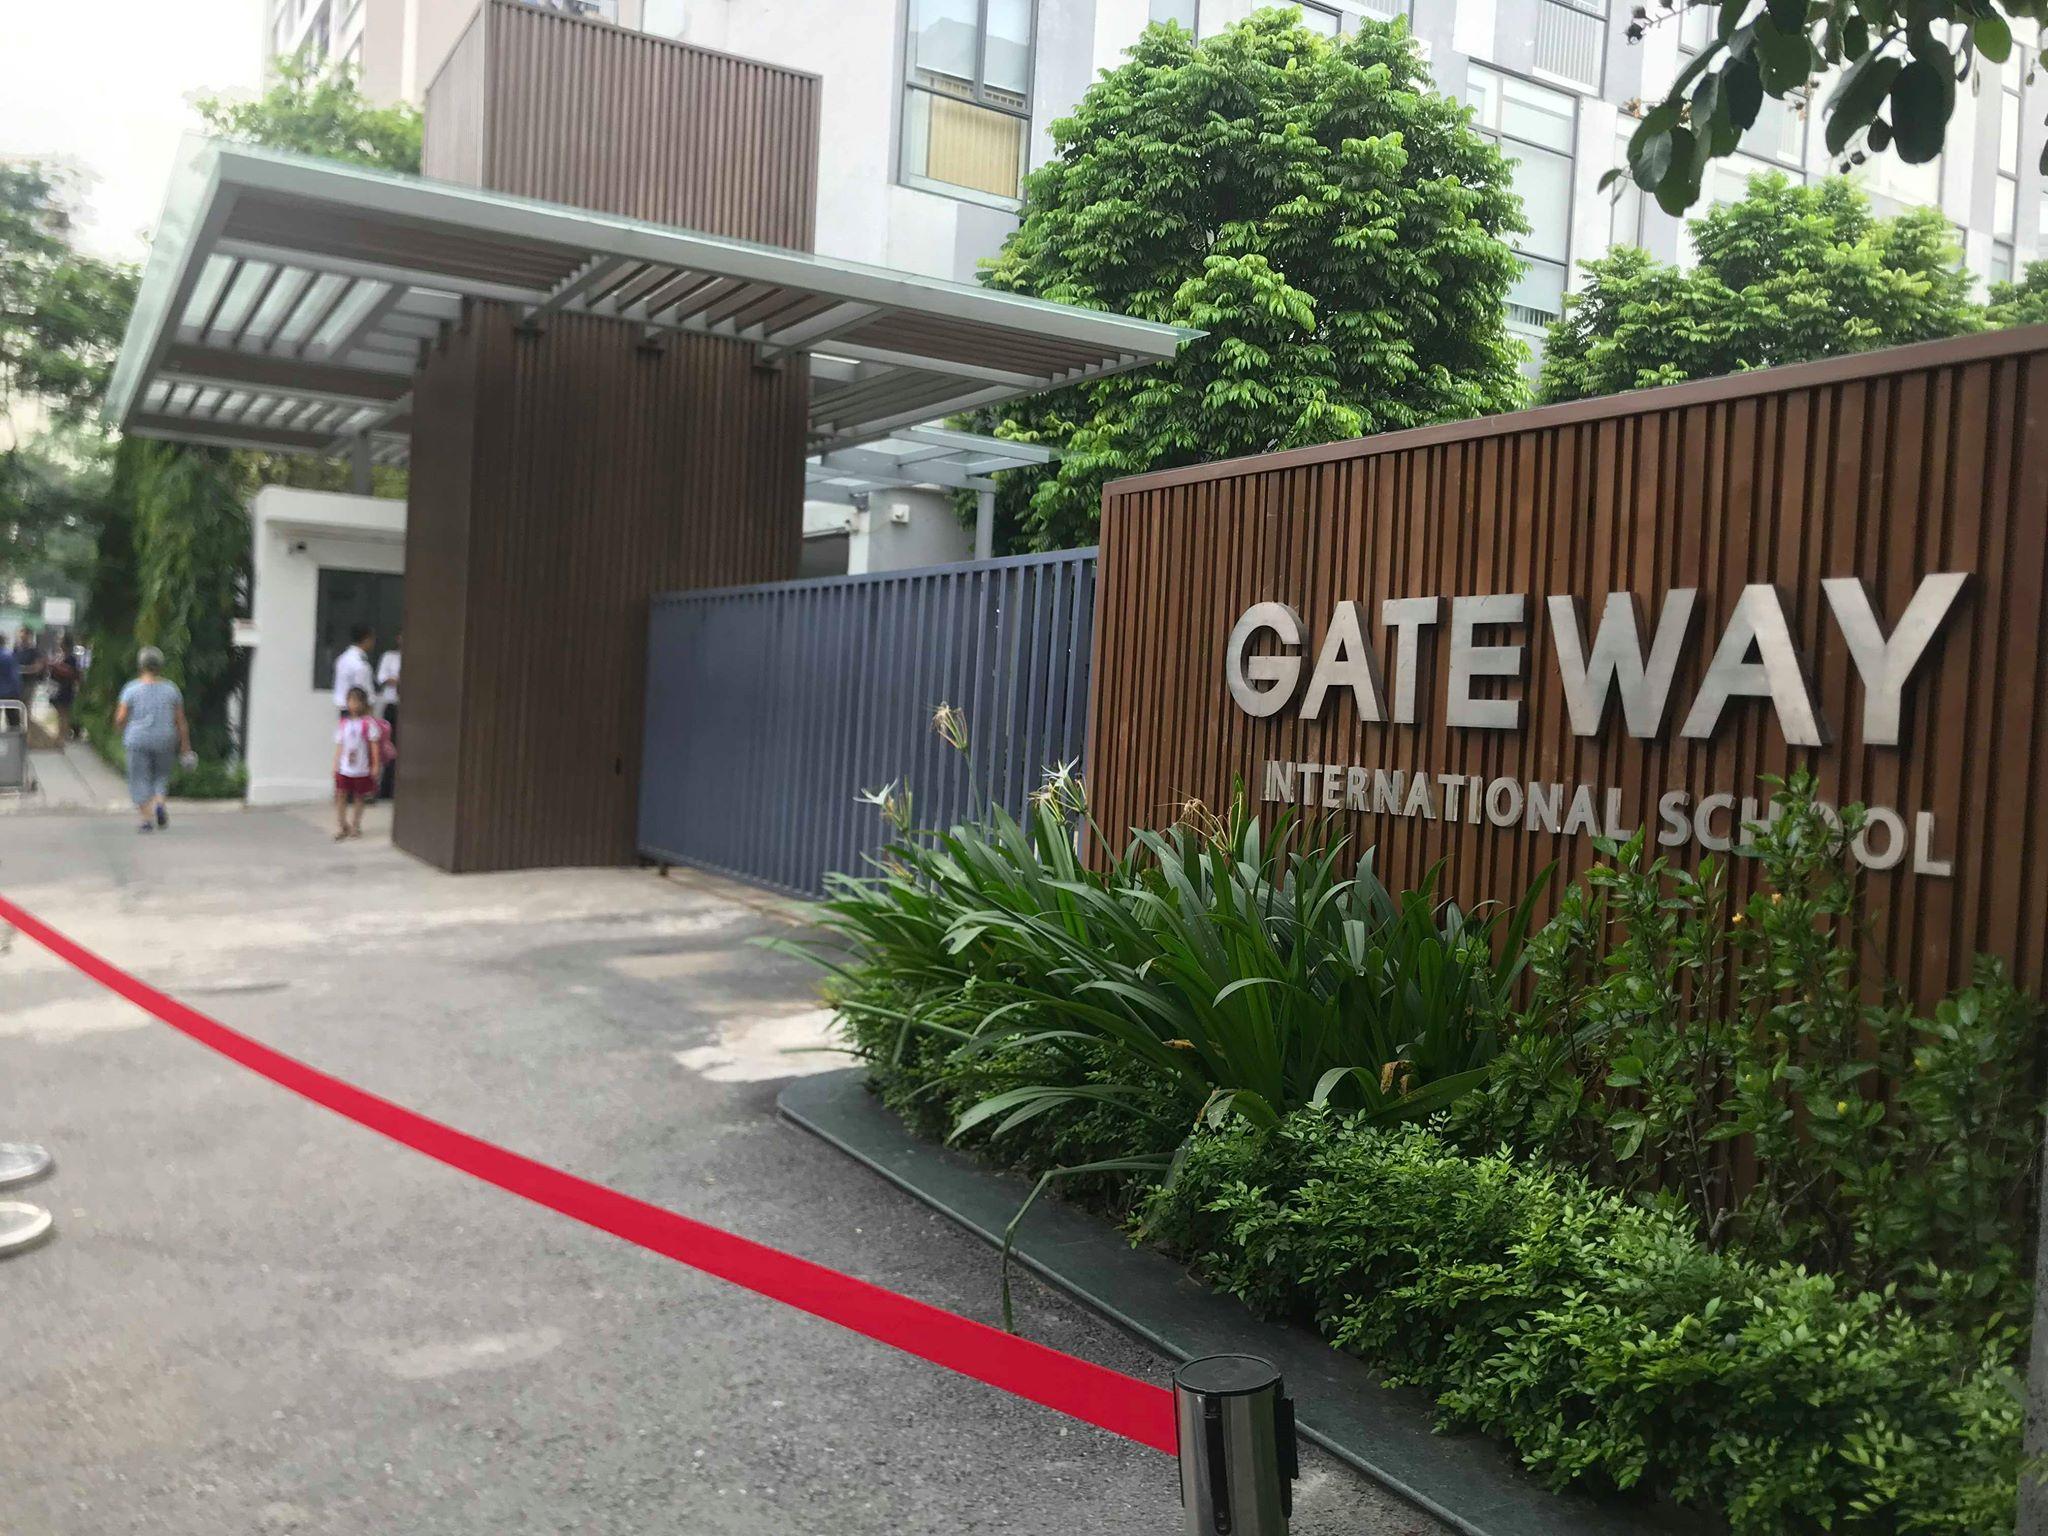 """Từ vụ trường Gateway: Pháp luật không hề quy định về """"trường quốc tế""""!"""